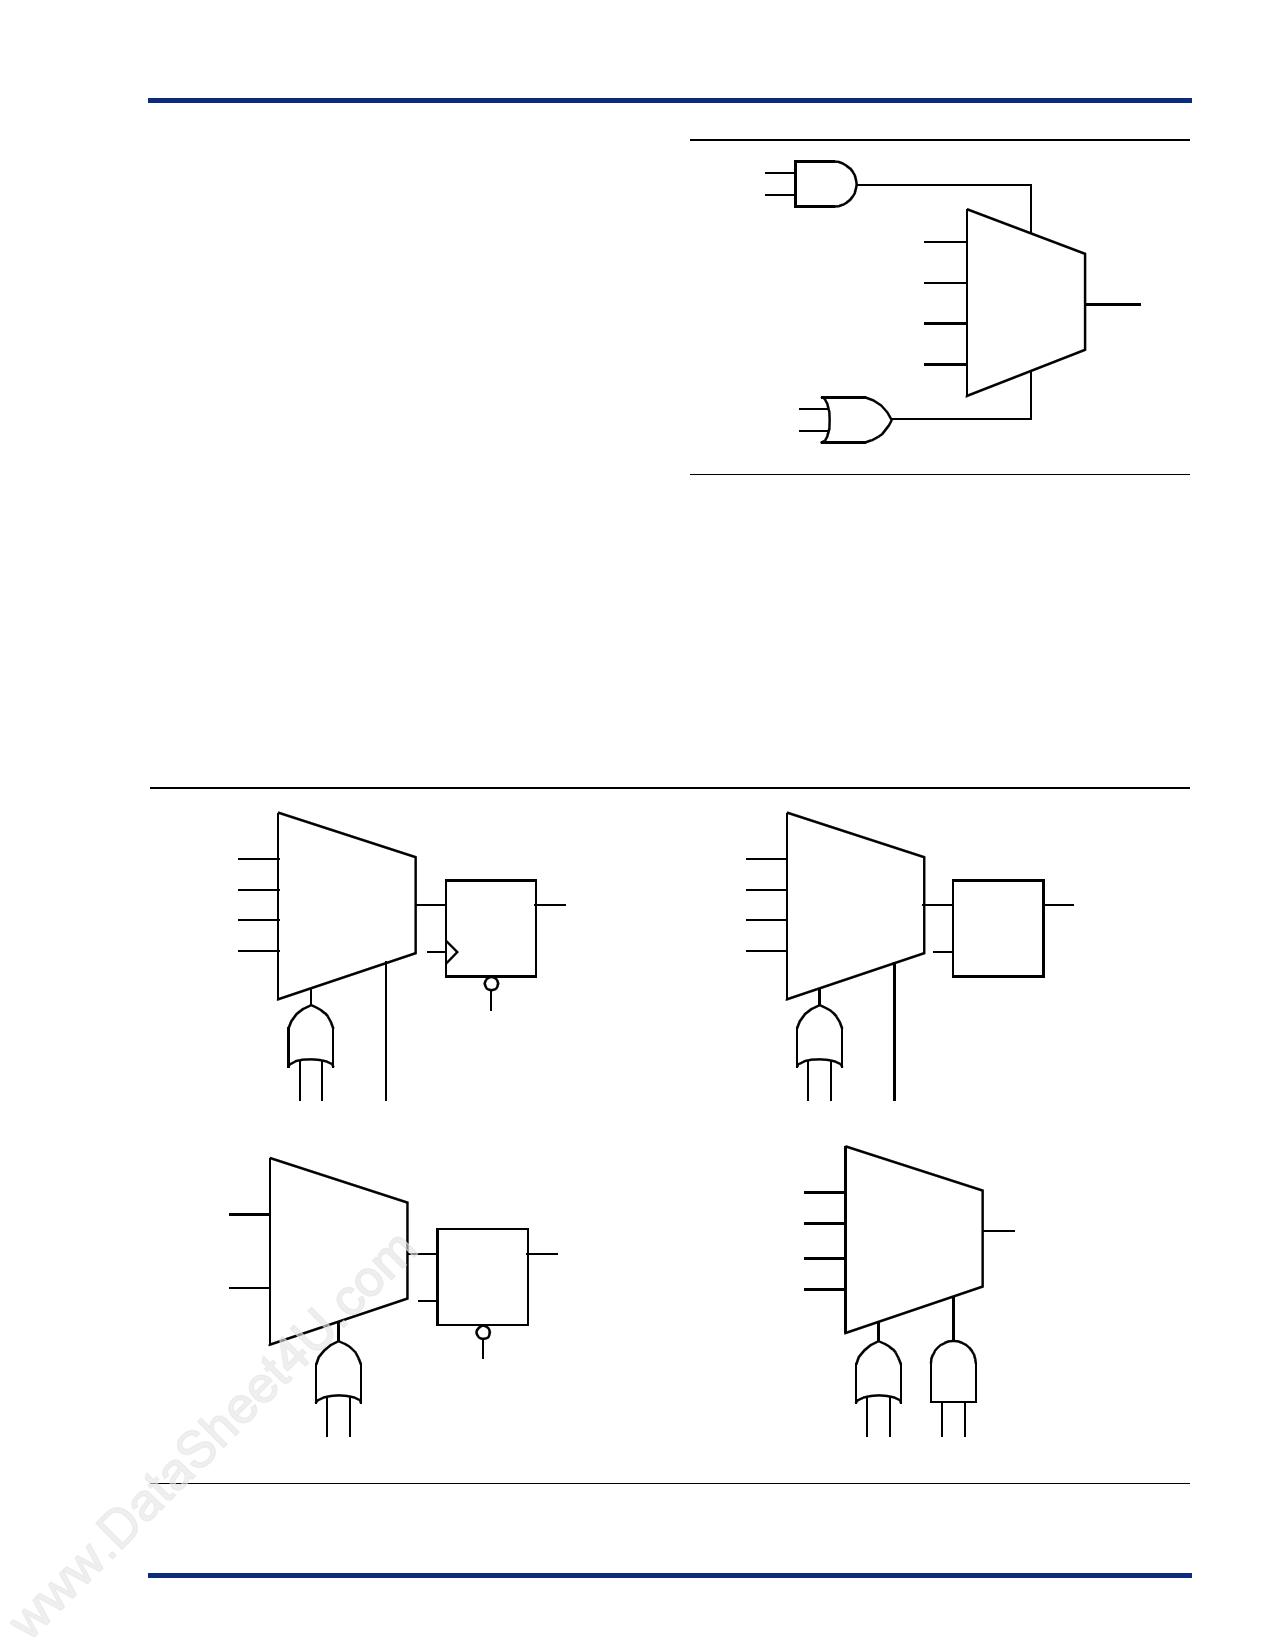 A1020B equivalent